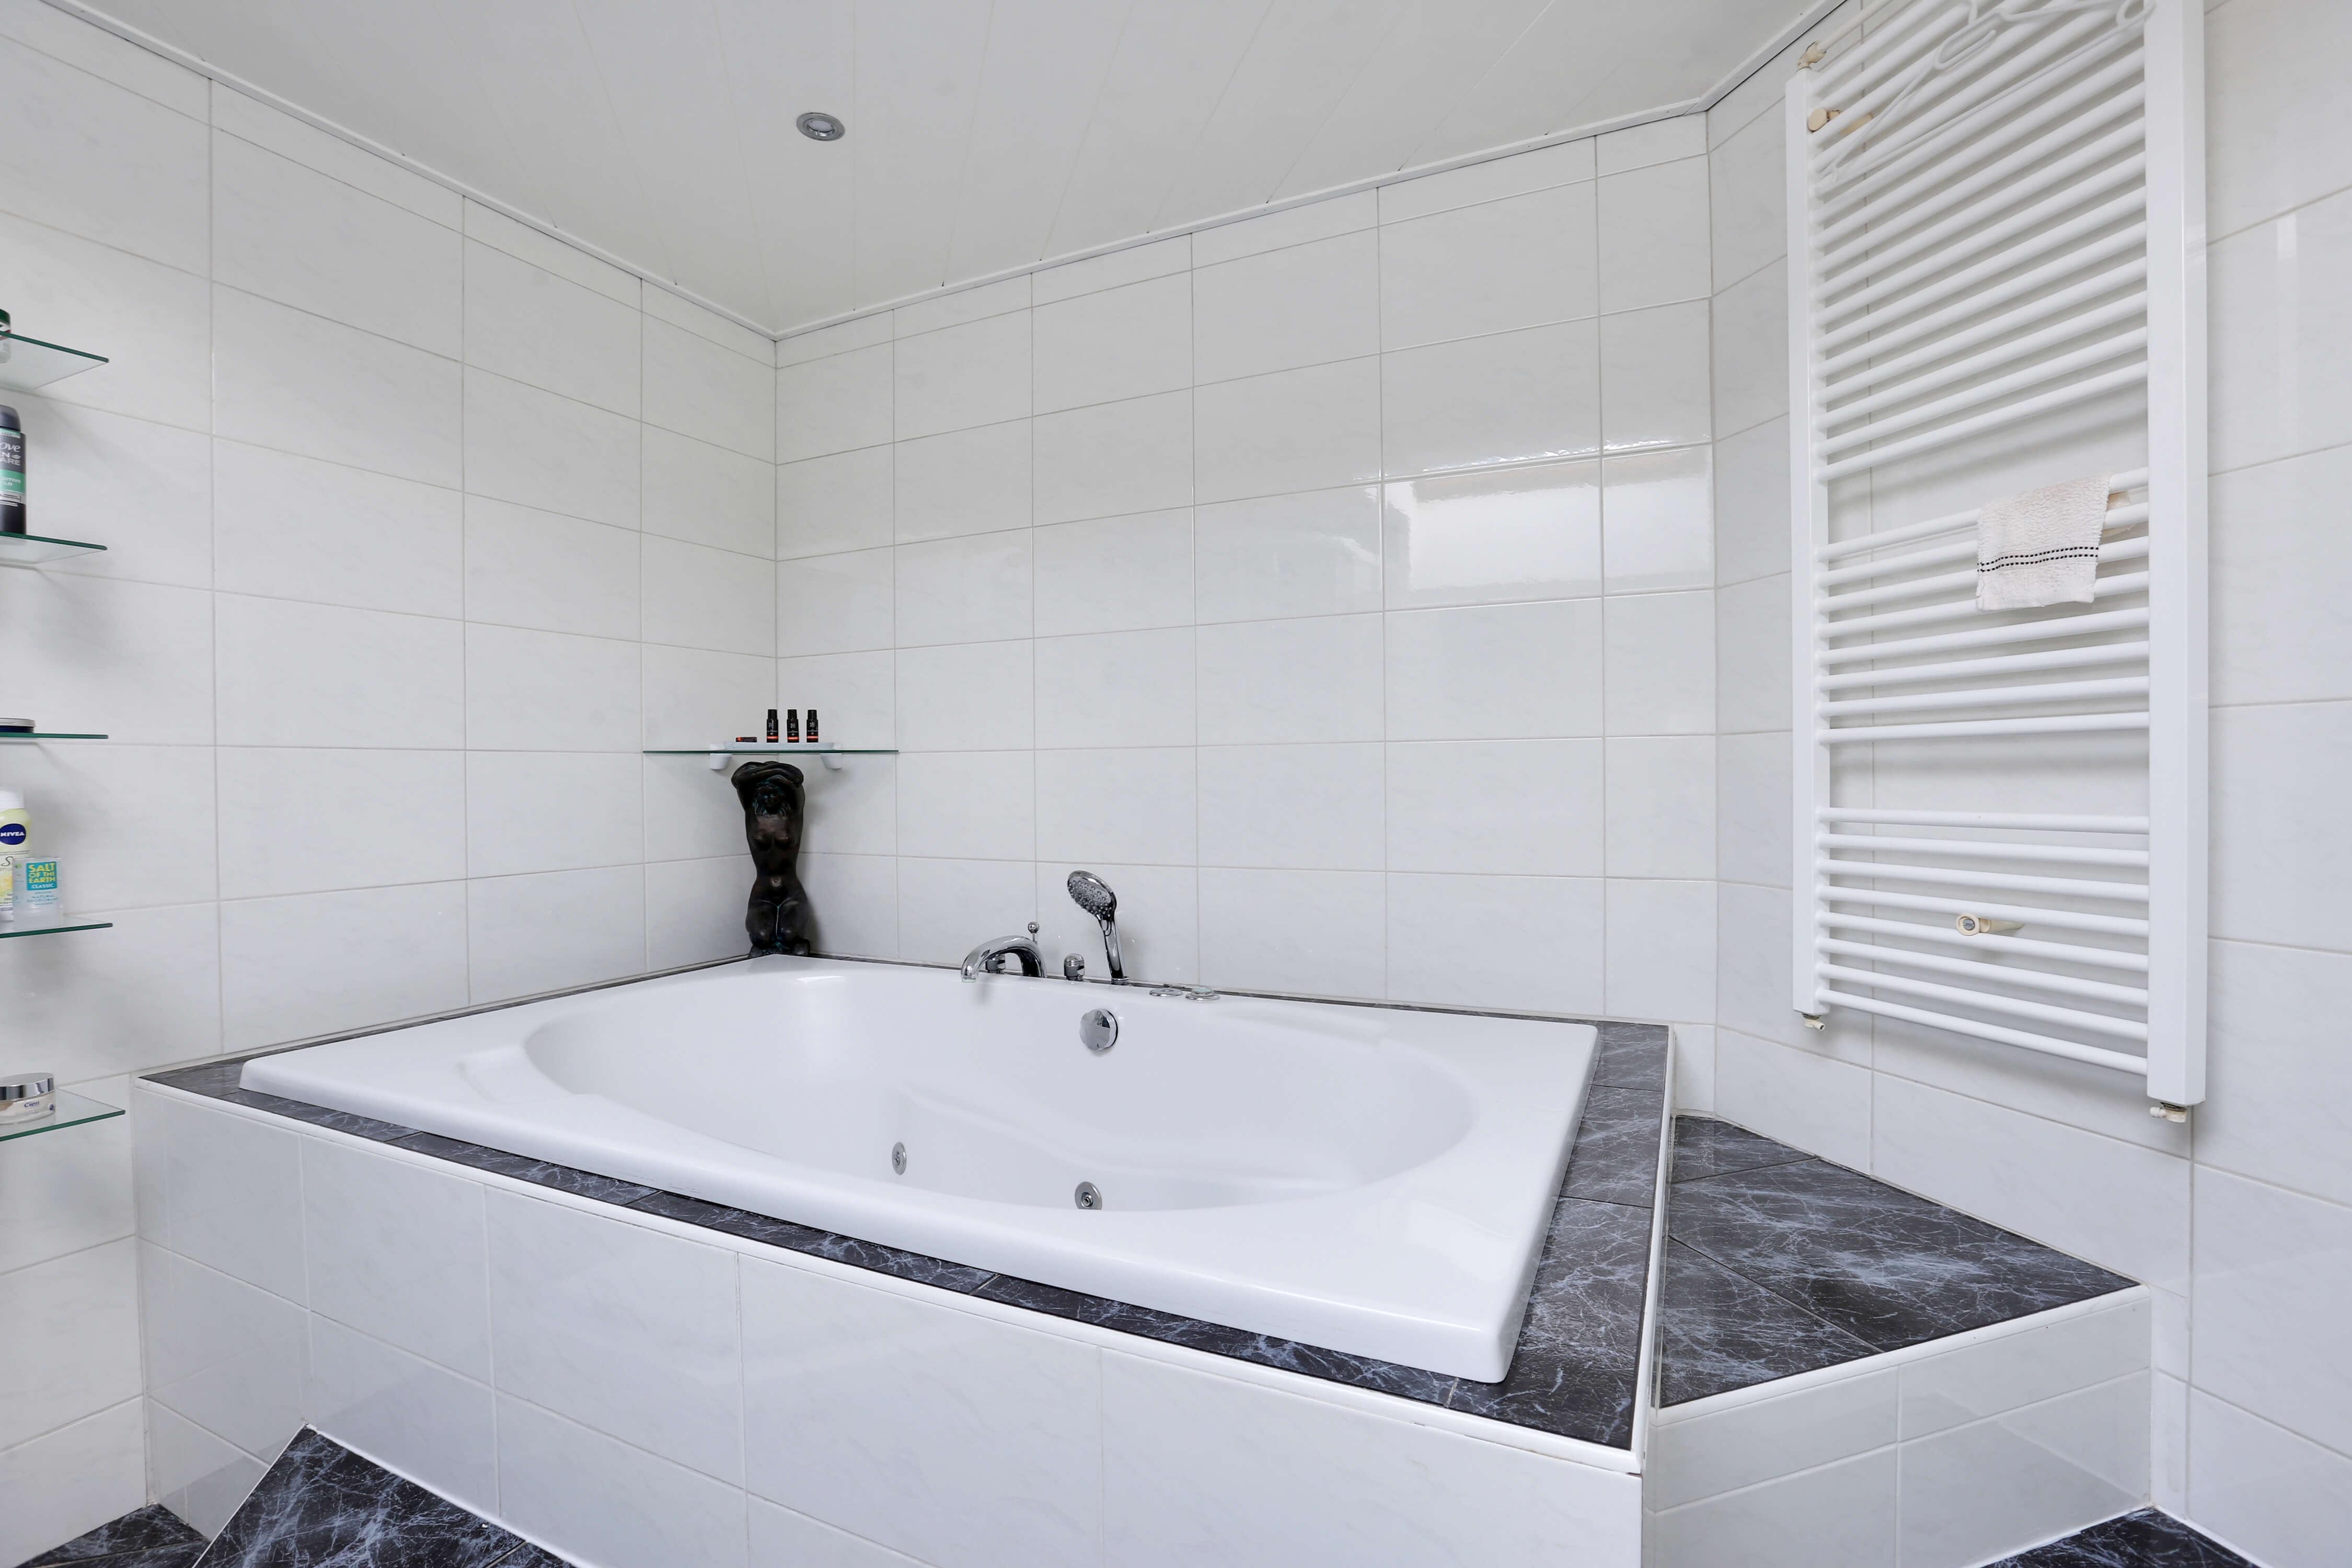 Te koop tussenwoning Shout 76 Hoorn badkamer Huisinzicht